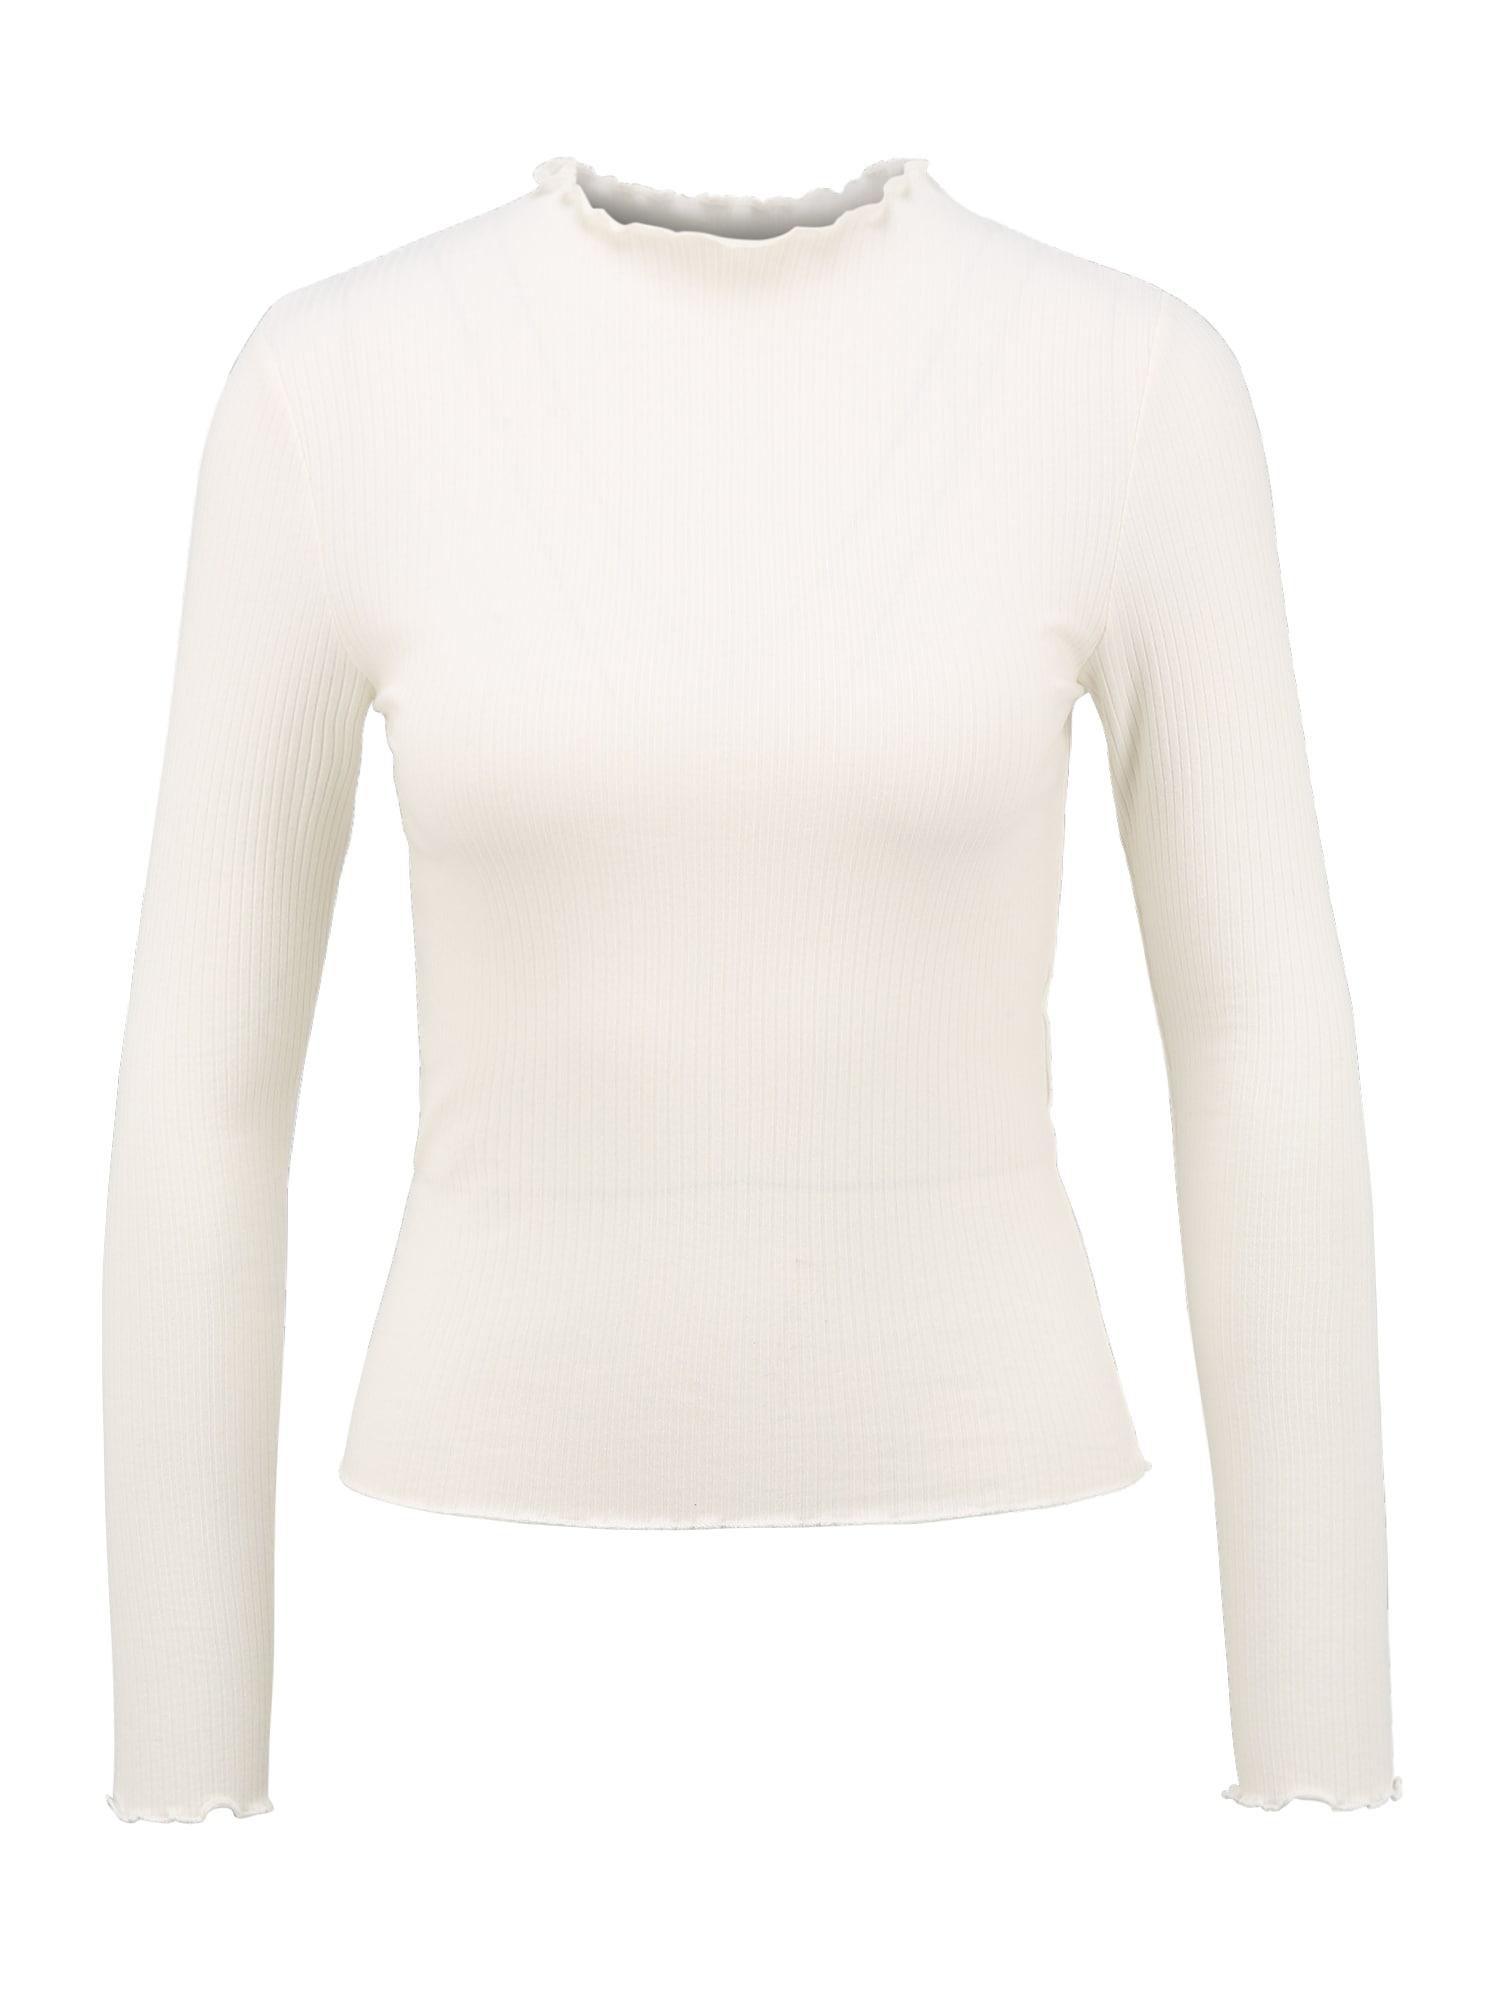 Pieces (Petite) Marškinėliai natūrali balta